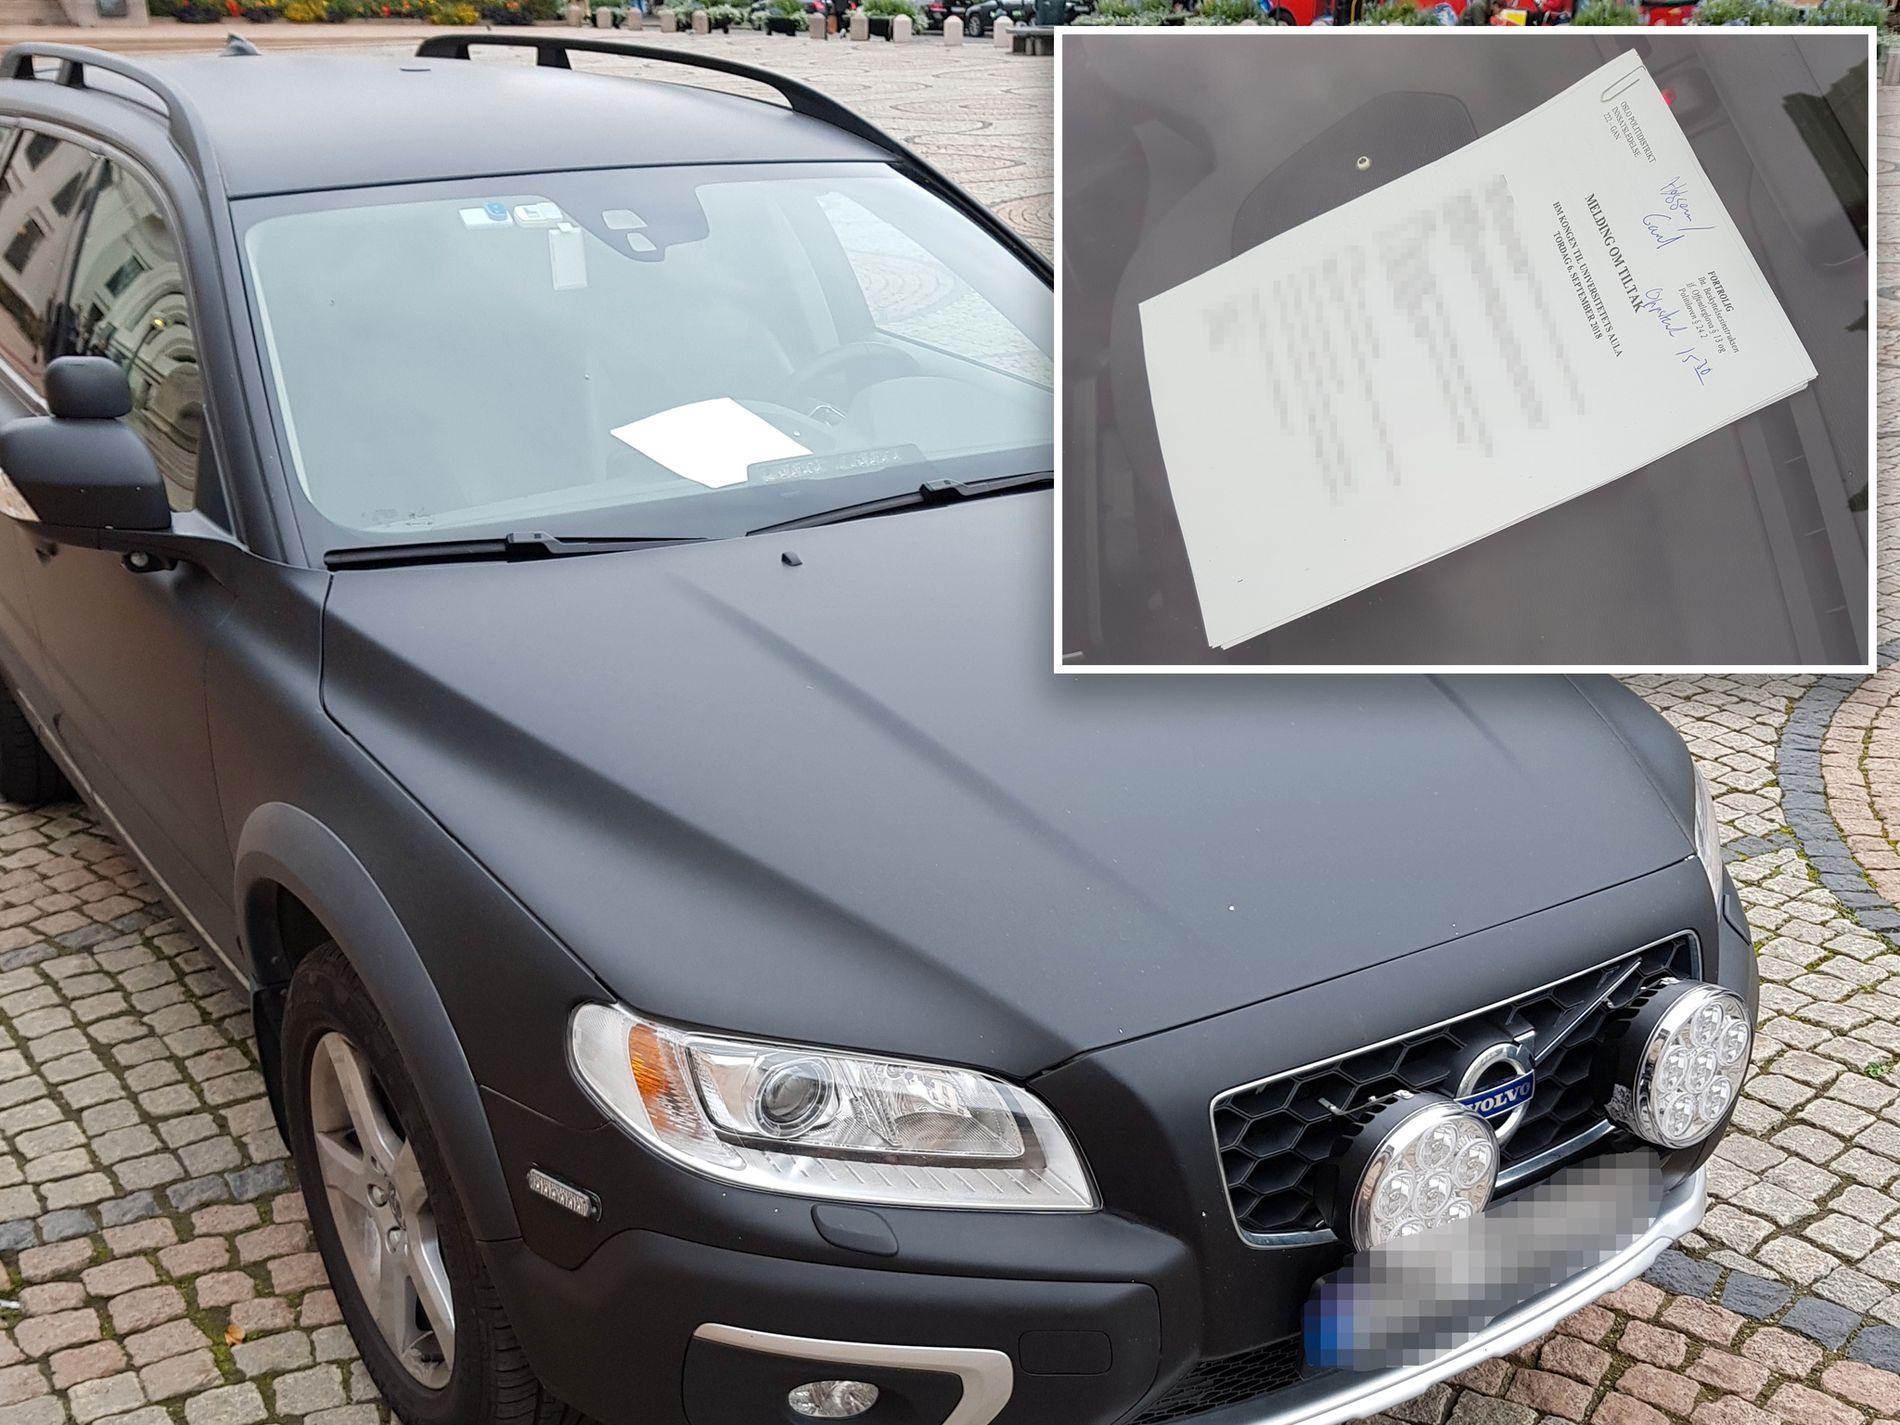 TABBE: Her ligger det graderte dokumentet med ulike sikringstiltak på dashbordet i den sivile politibilen, rett utenfor det juridiske fakultet, som ventet på besøk av kong Harald.